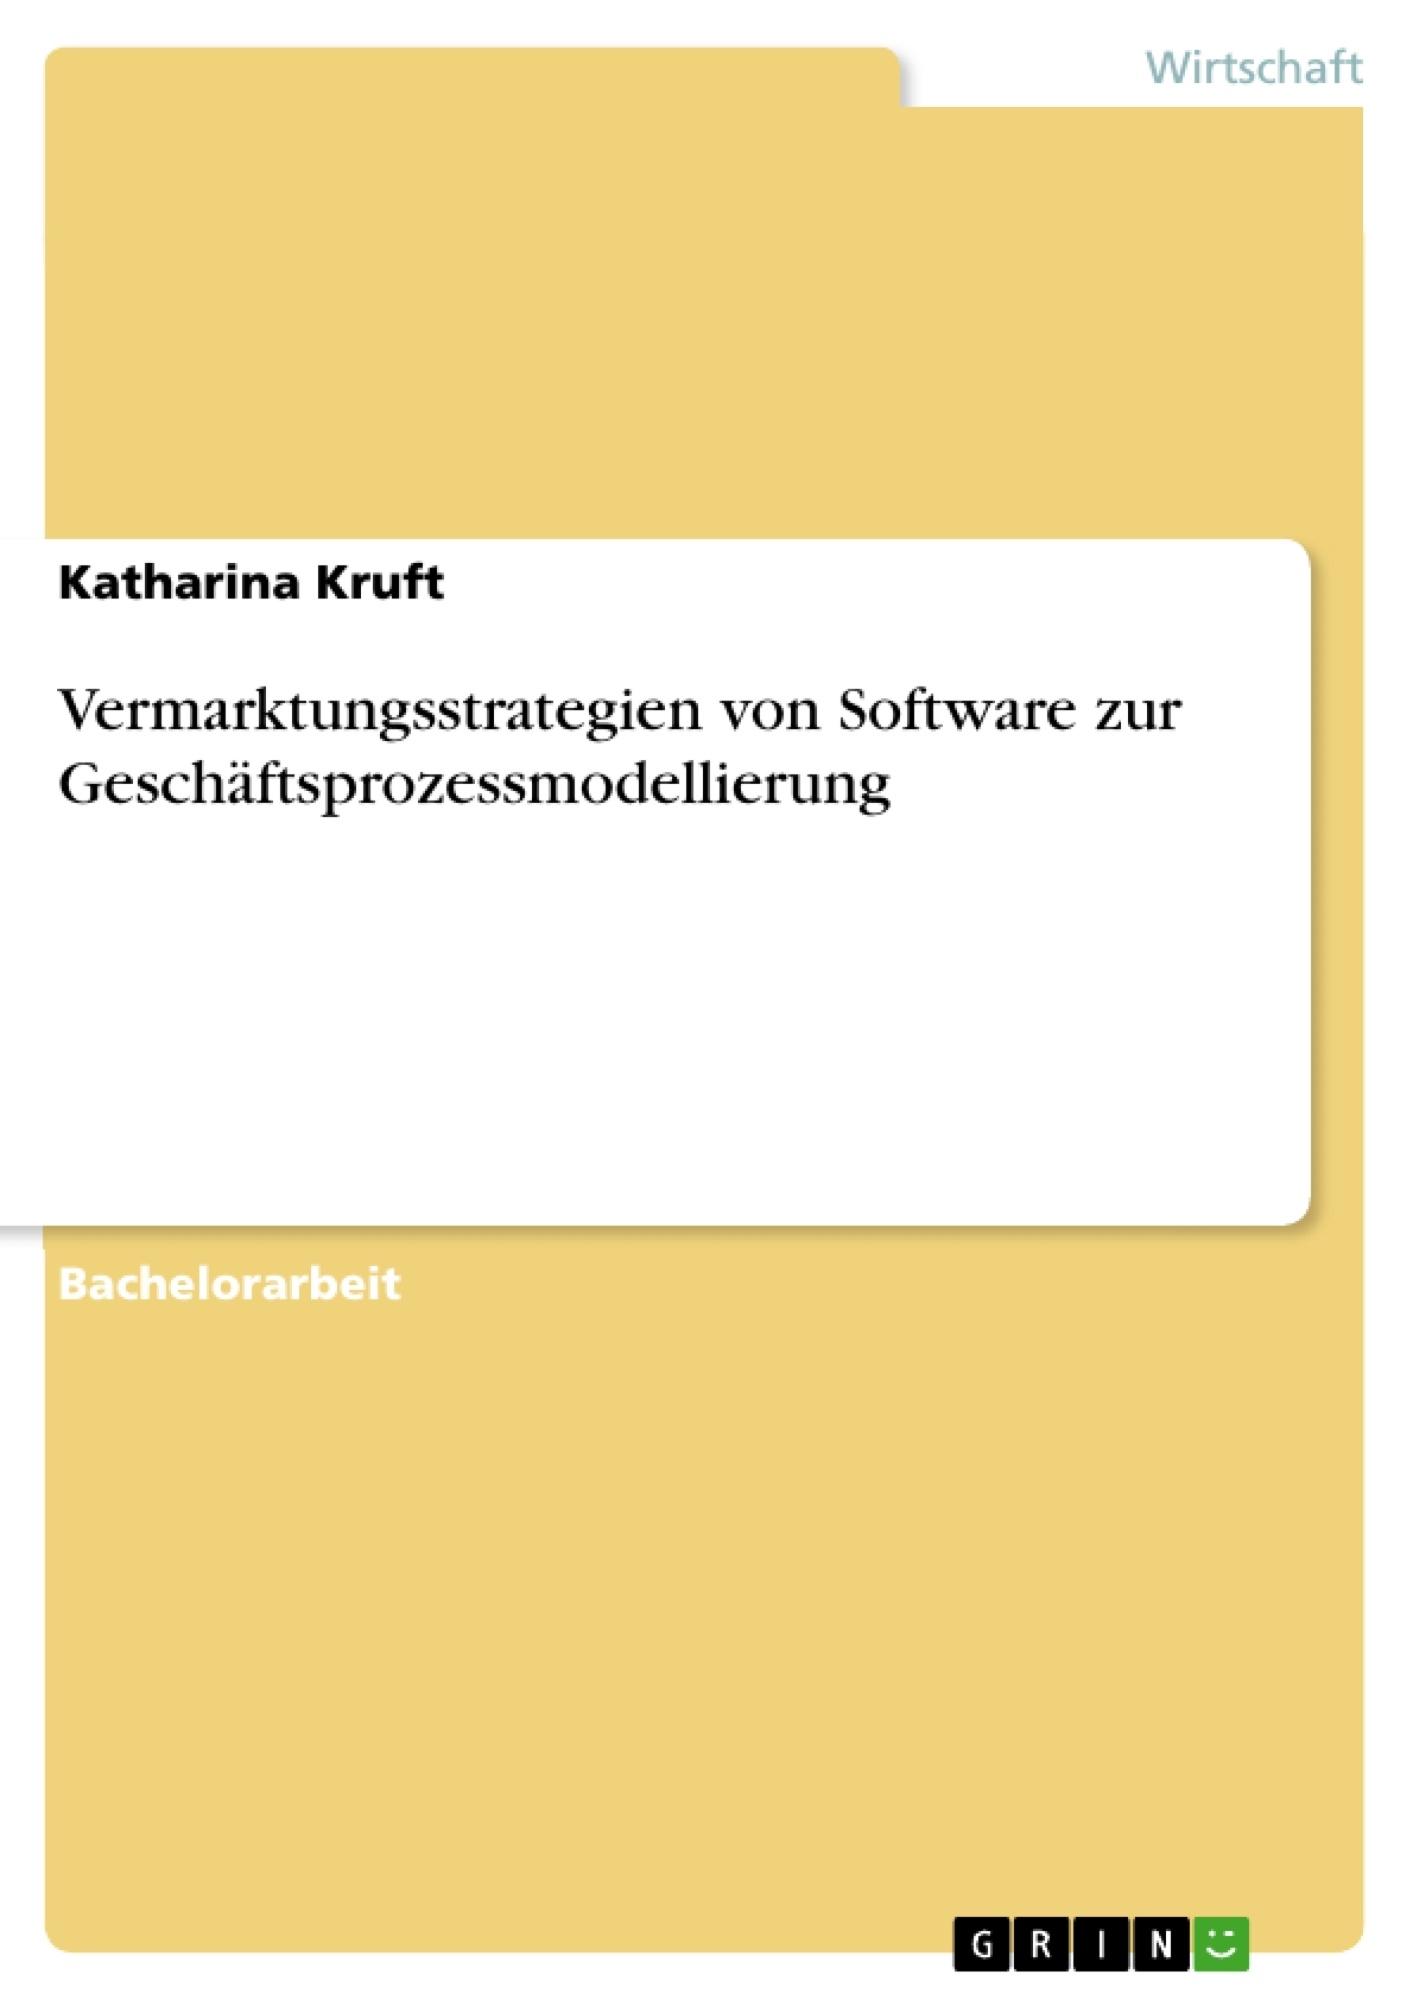 Titel: Vermarktungsstrategien von Software zur Geschäftsprozessmodellierung